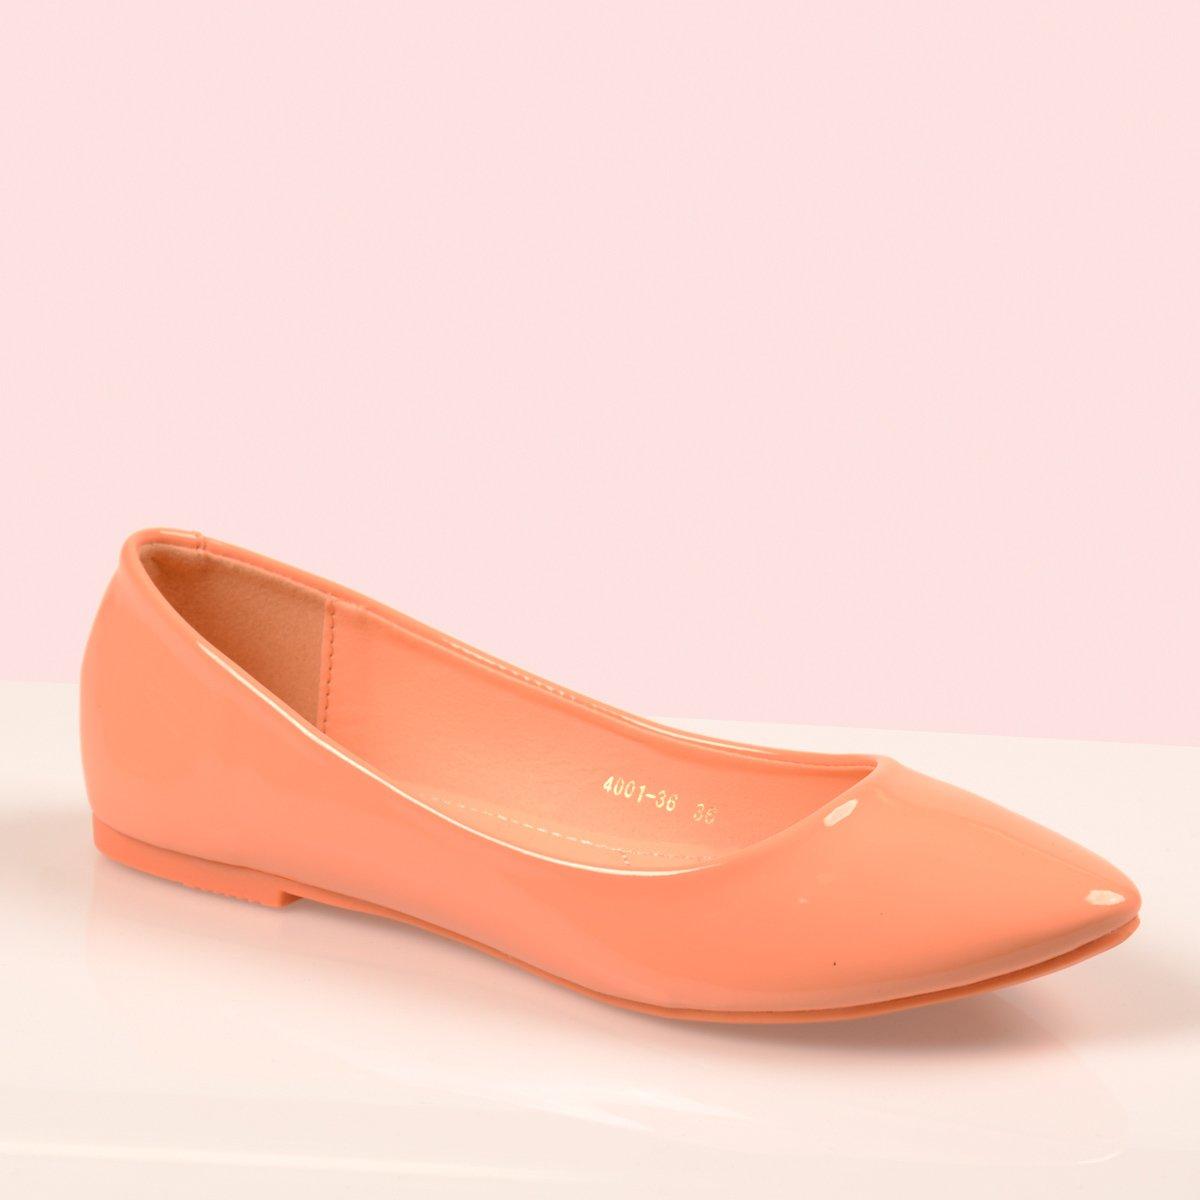 1679fd70492e0 Damskie Buty Baleriny Pastelowe Clarisse Pomarańczowe Pomarańczowy ...